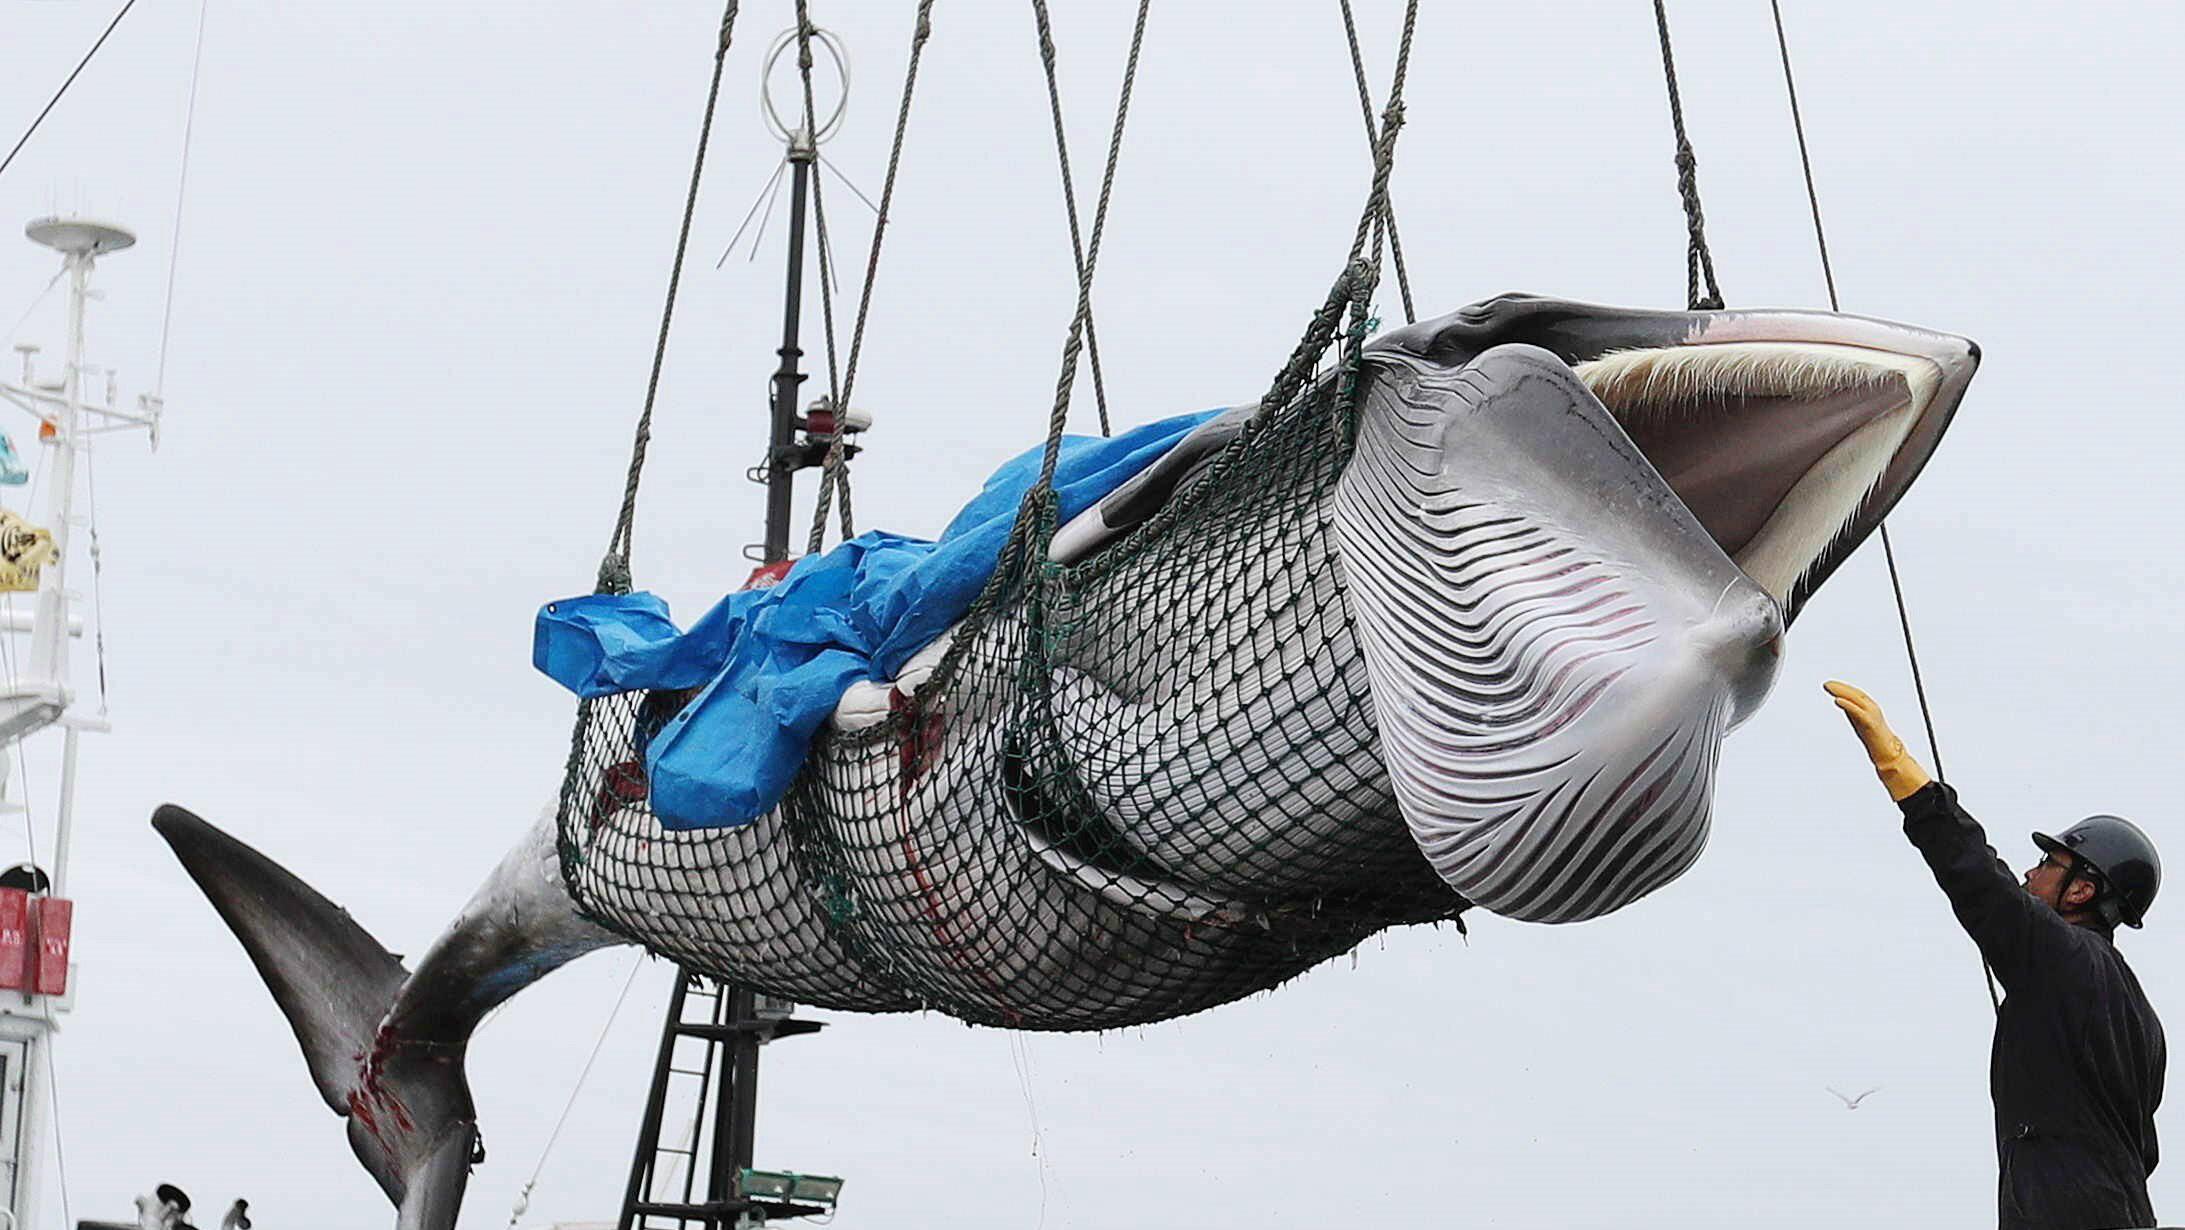 Una ballena Minke es descargada de un barco en el puerto de Kushiro en Japón este lunes. Las autoridades de Japón anunciaron que desde este lunes y hasta fin de año sus barcos capturarán 227 ballenas con fines comerciales, por primera vez desde 1982, después de que el Gobierno decidiera retirarse de la Comisión Ballenera Internacional (CBI).